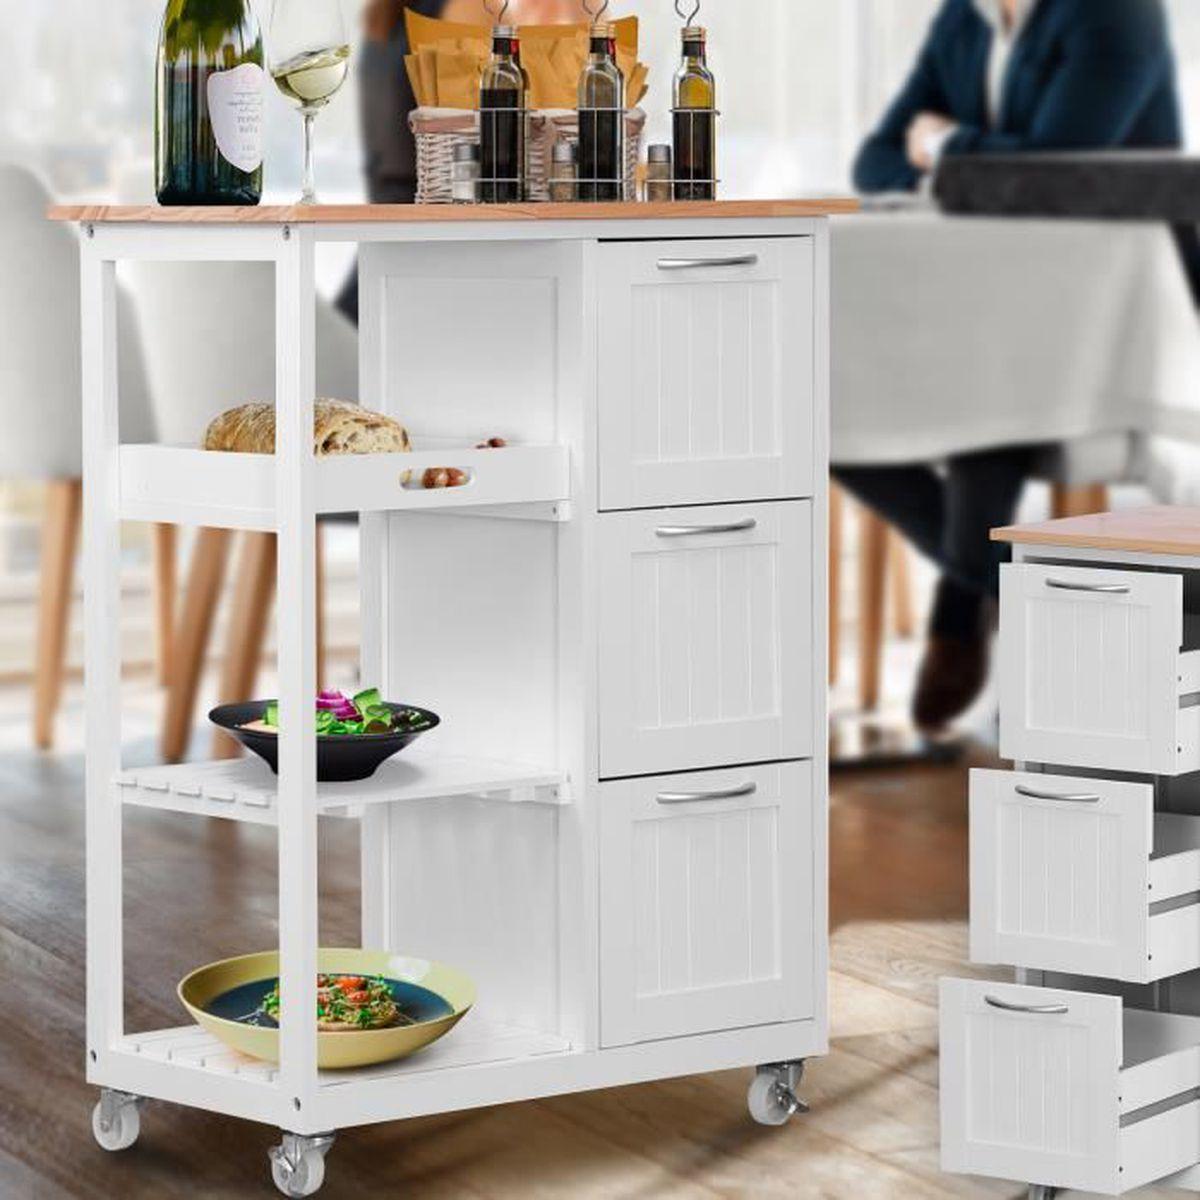 Cuisine Avec Plan De Travail Coulissant chariot de cuisine à roulettes - en bois, 67 x 37 x 84 cm